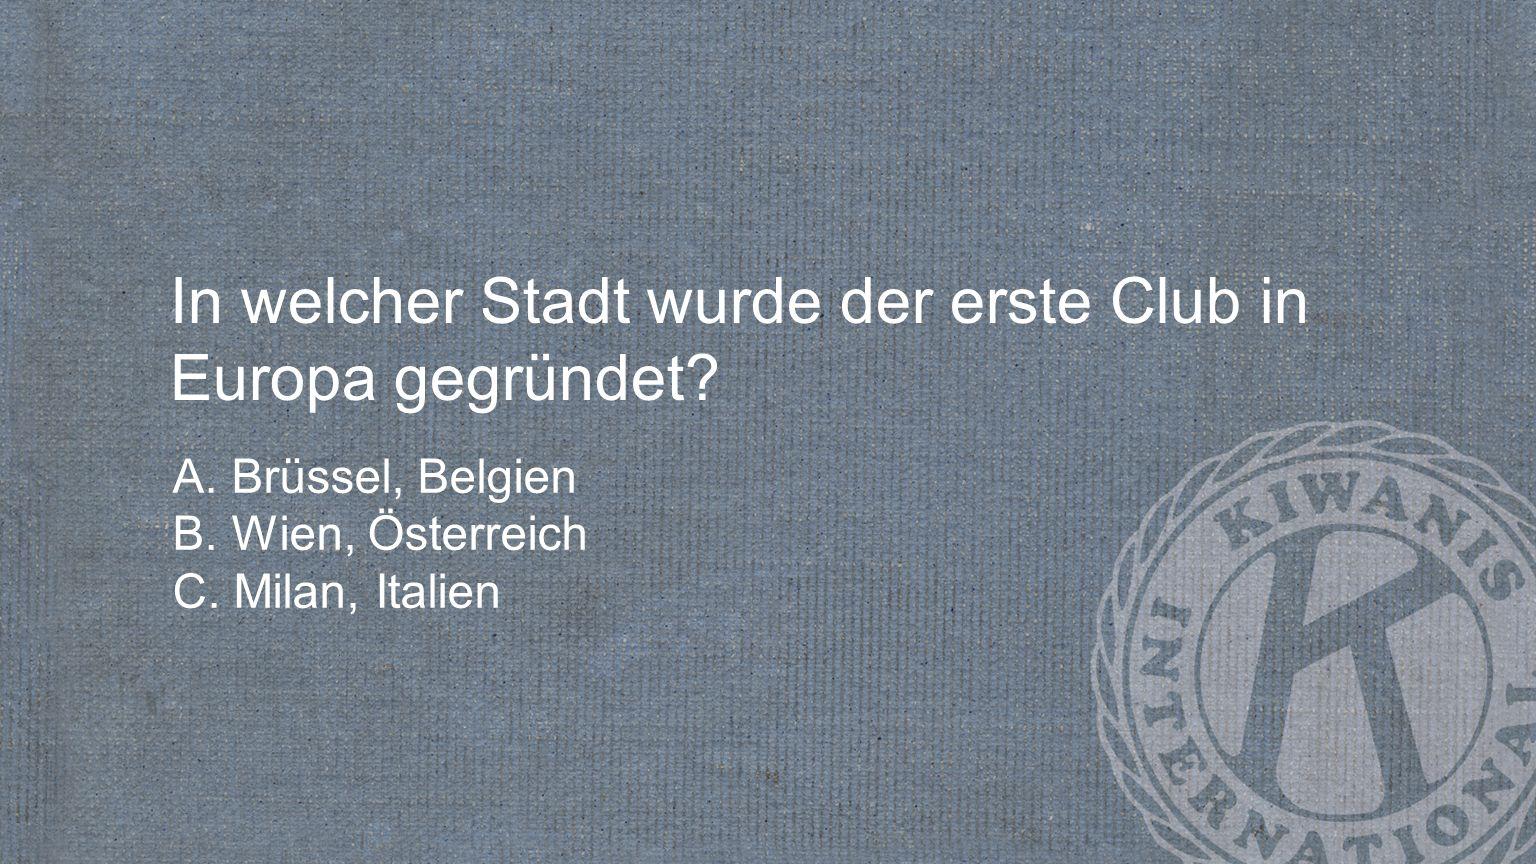 In welcher Stadt wurde der erste Club in Europa gegründet